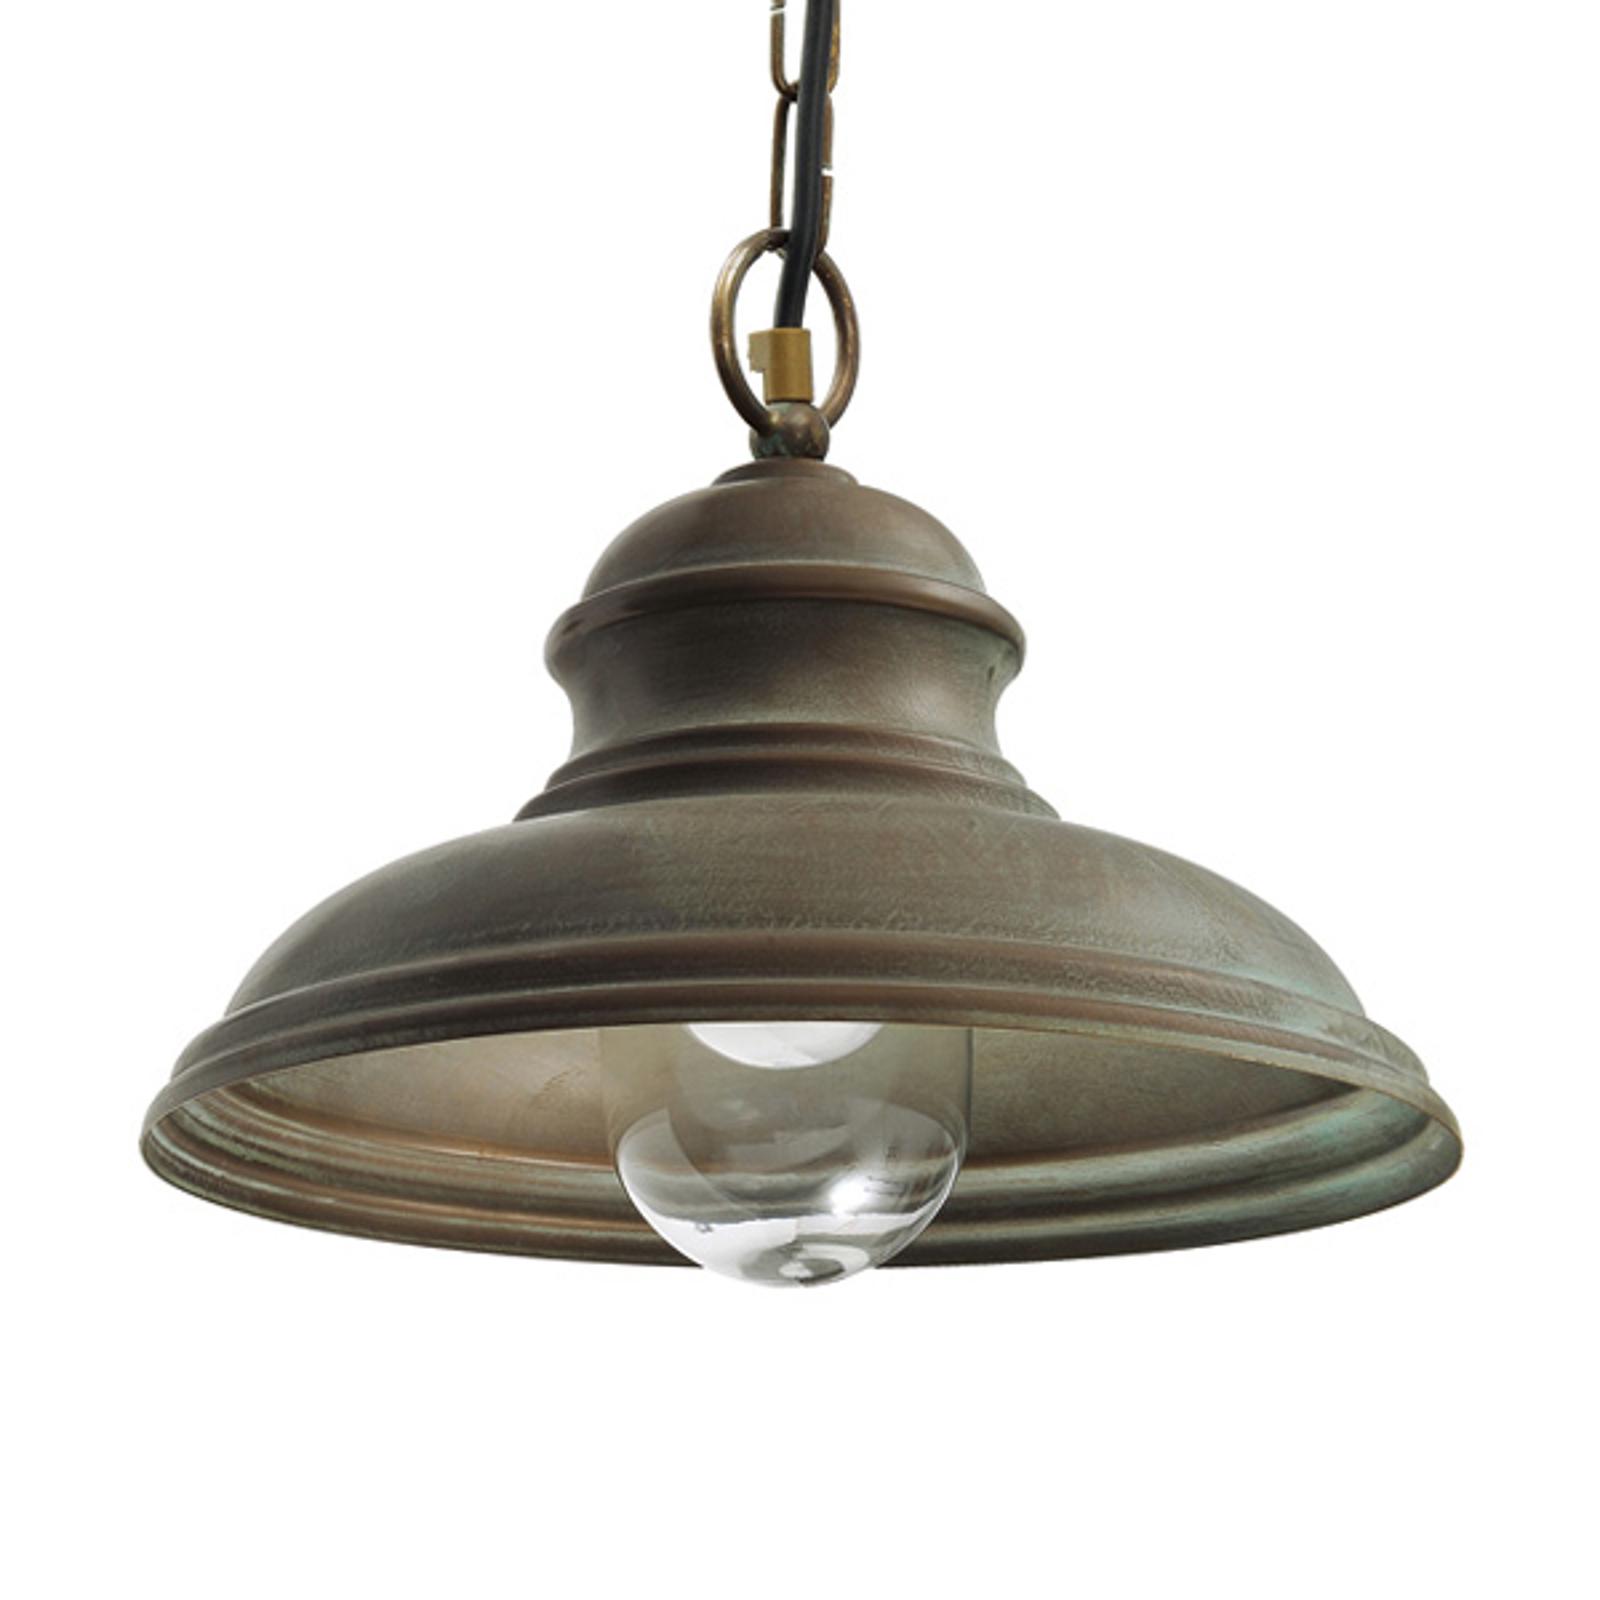 Lampa wisząca Riccardo, łańcuch, szkło, cylinder